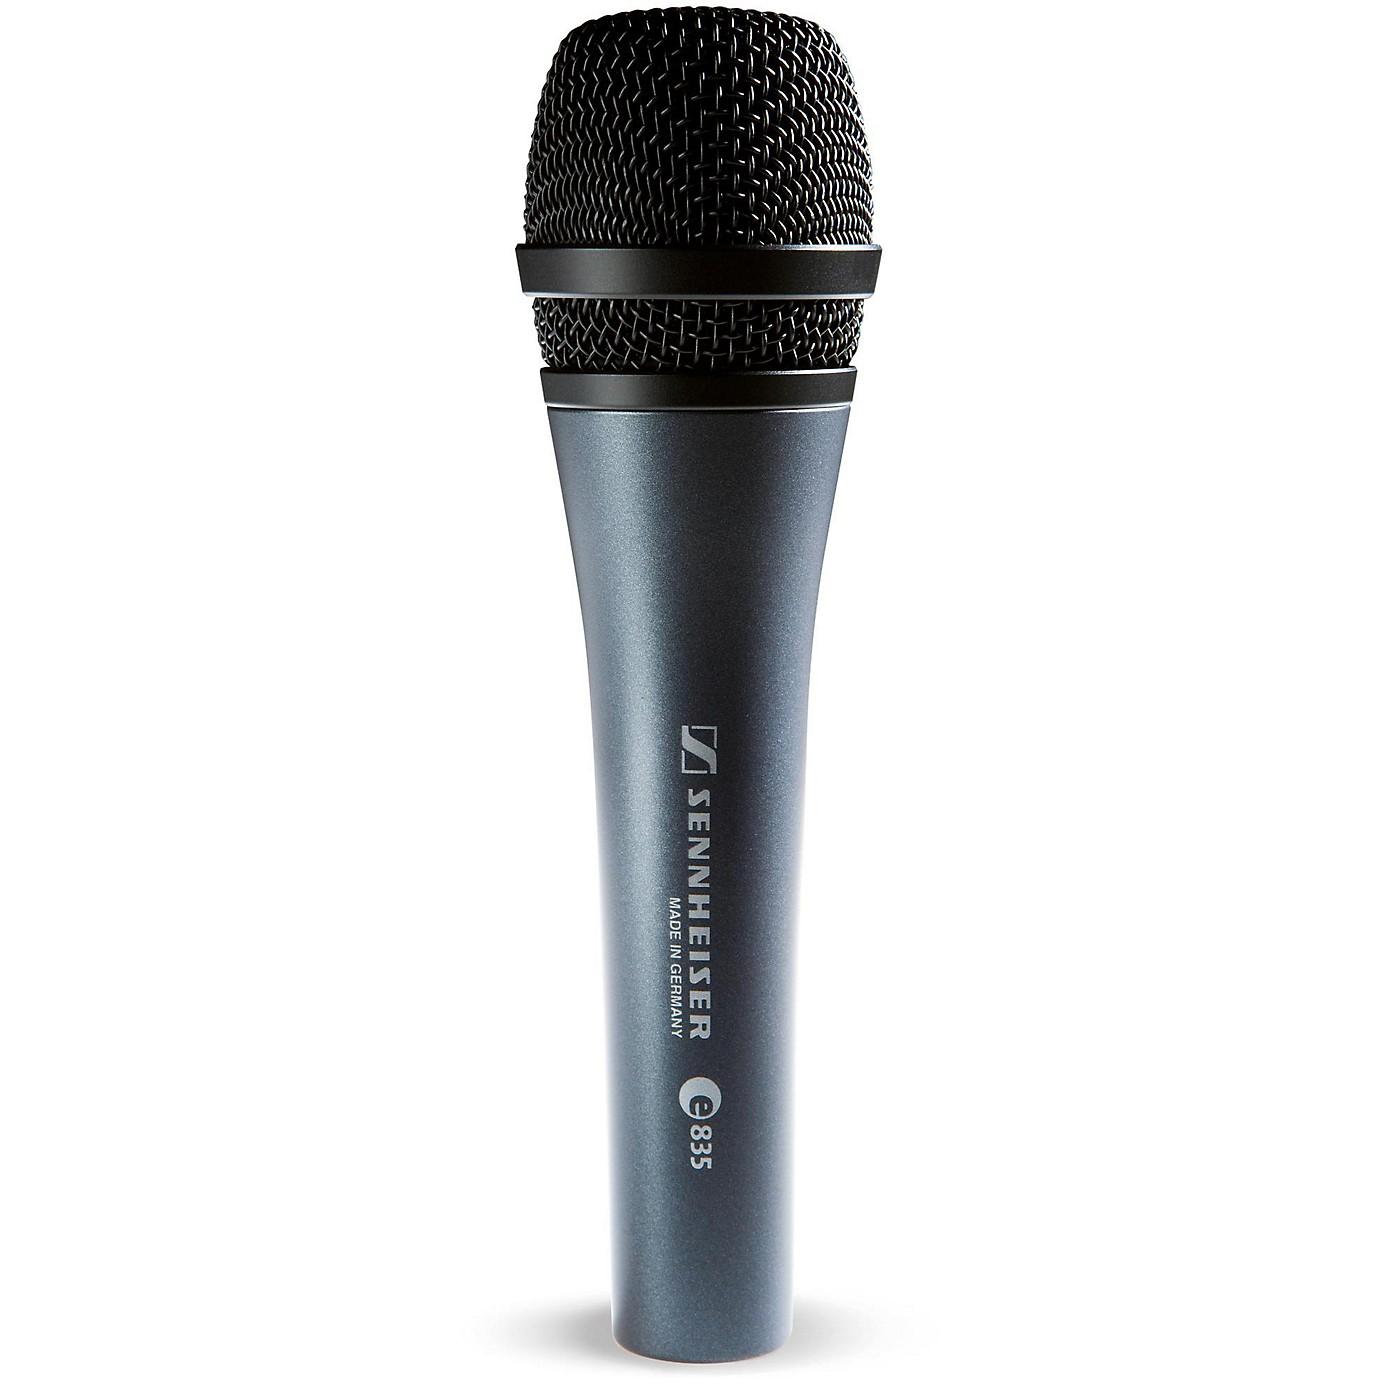 Sennheiser e 835 Cardioid Dynamic Vocal Microphone thumbnail